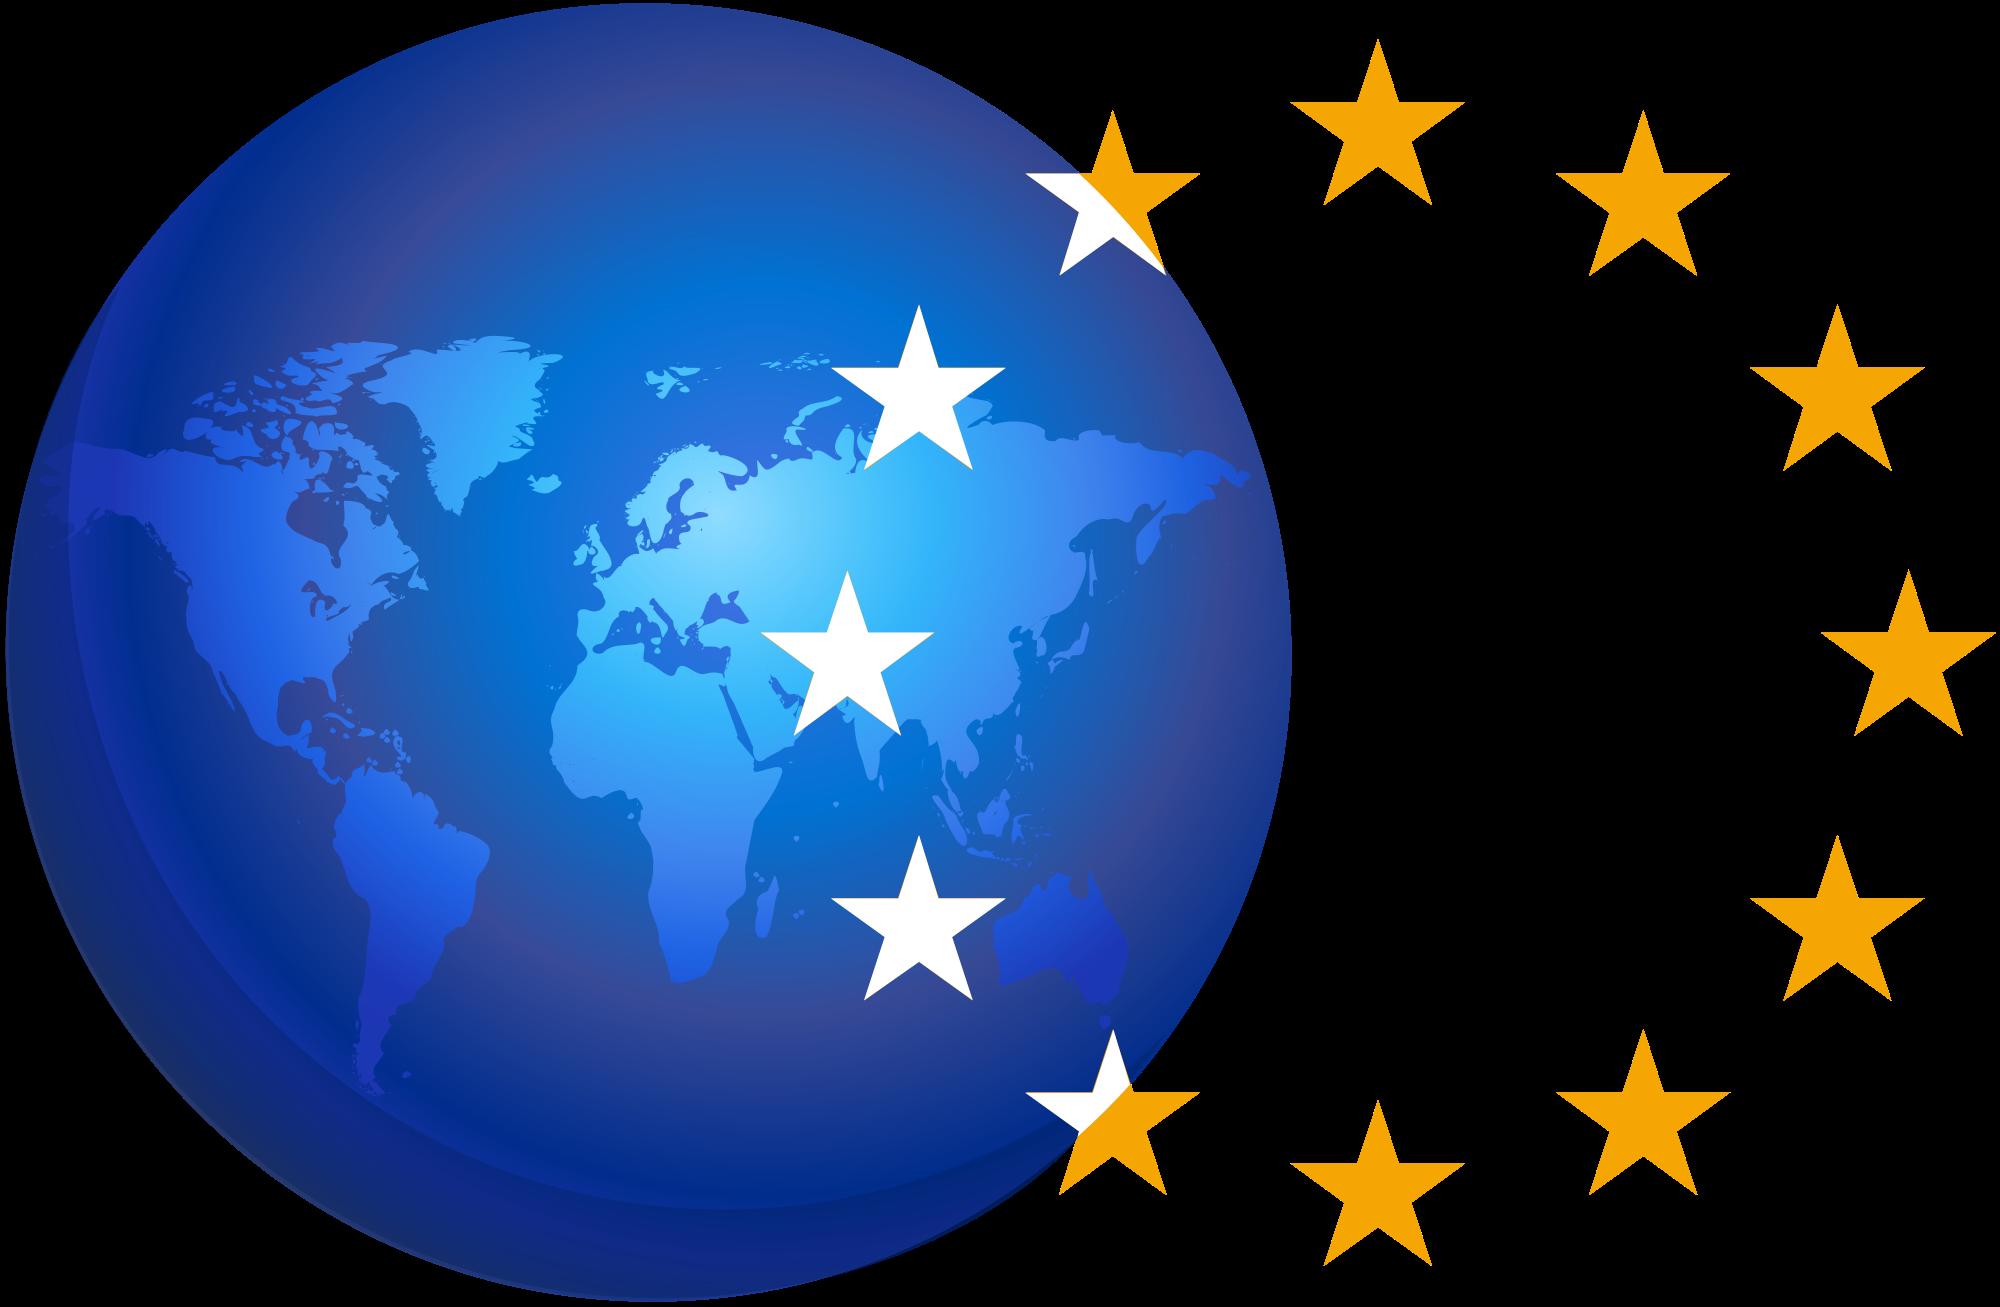 Europa_beauftragter.png